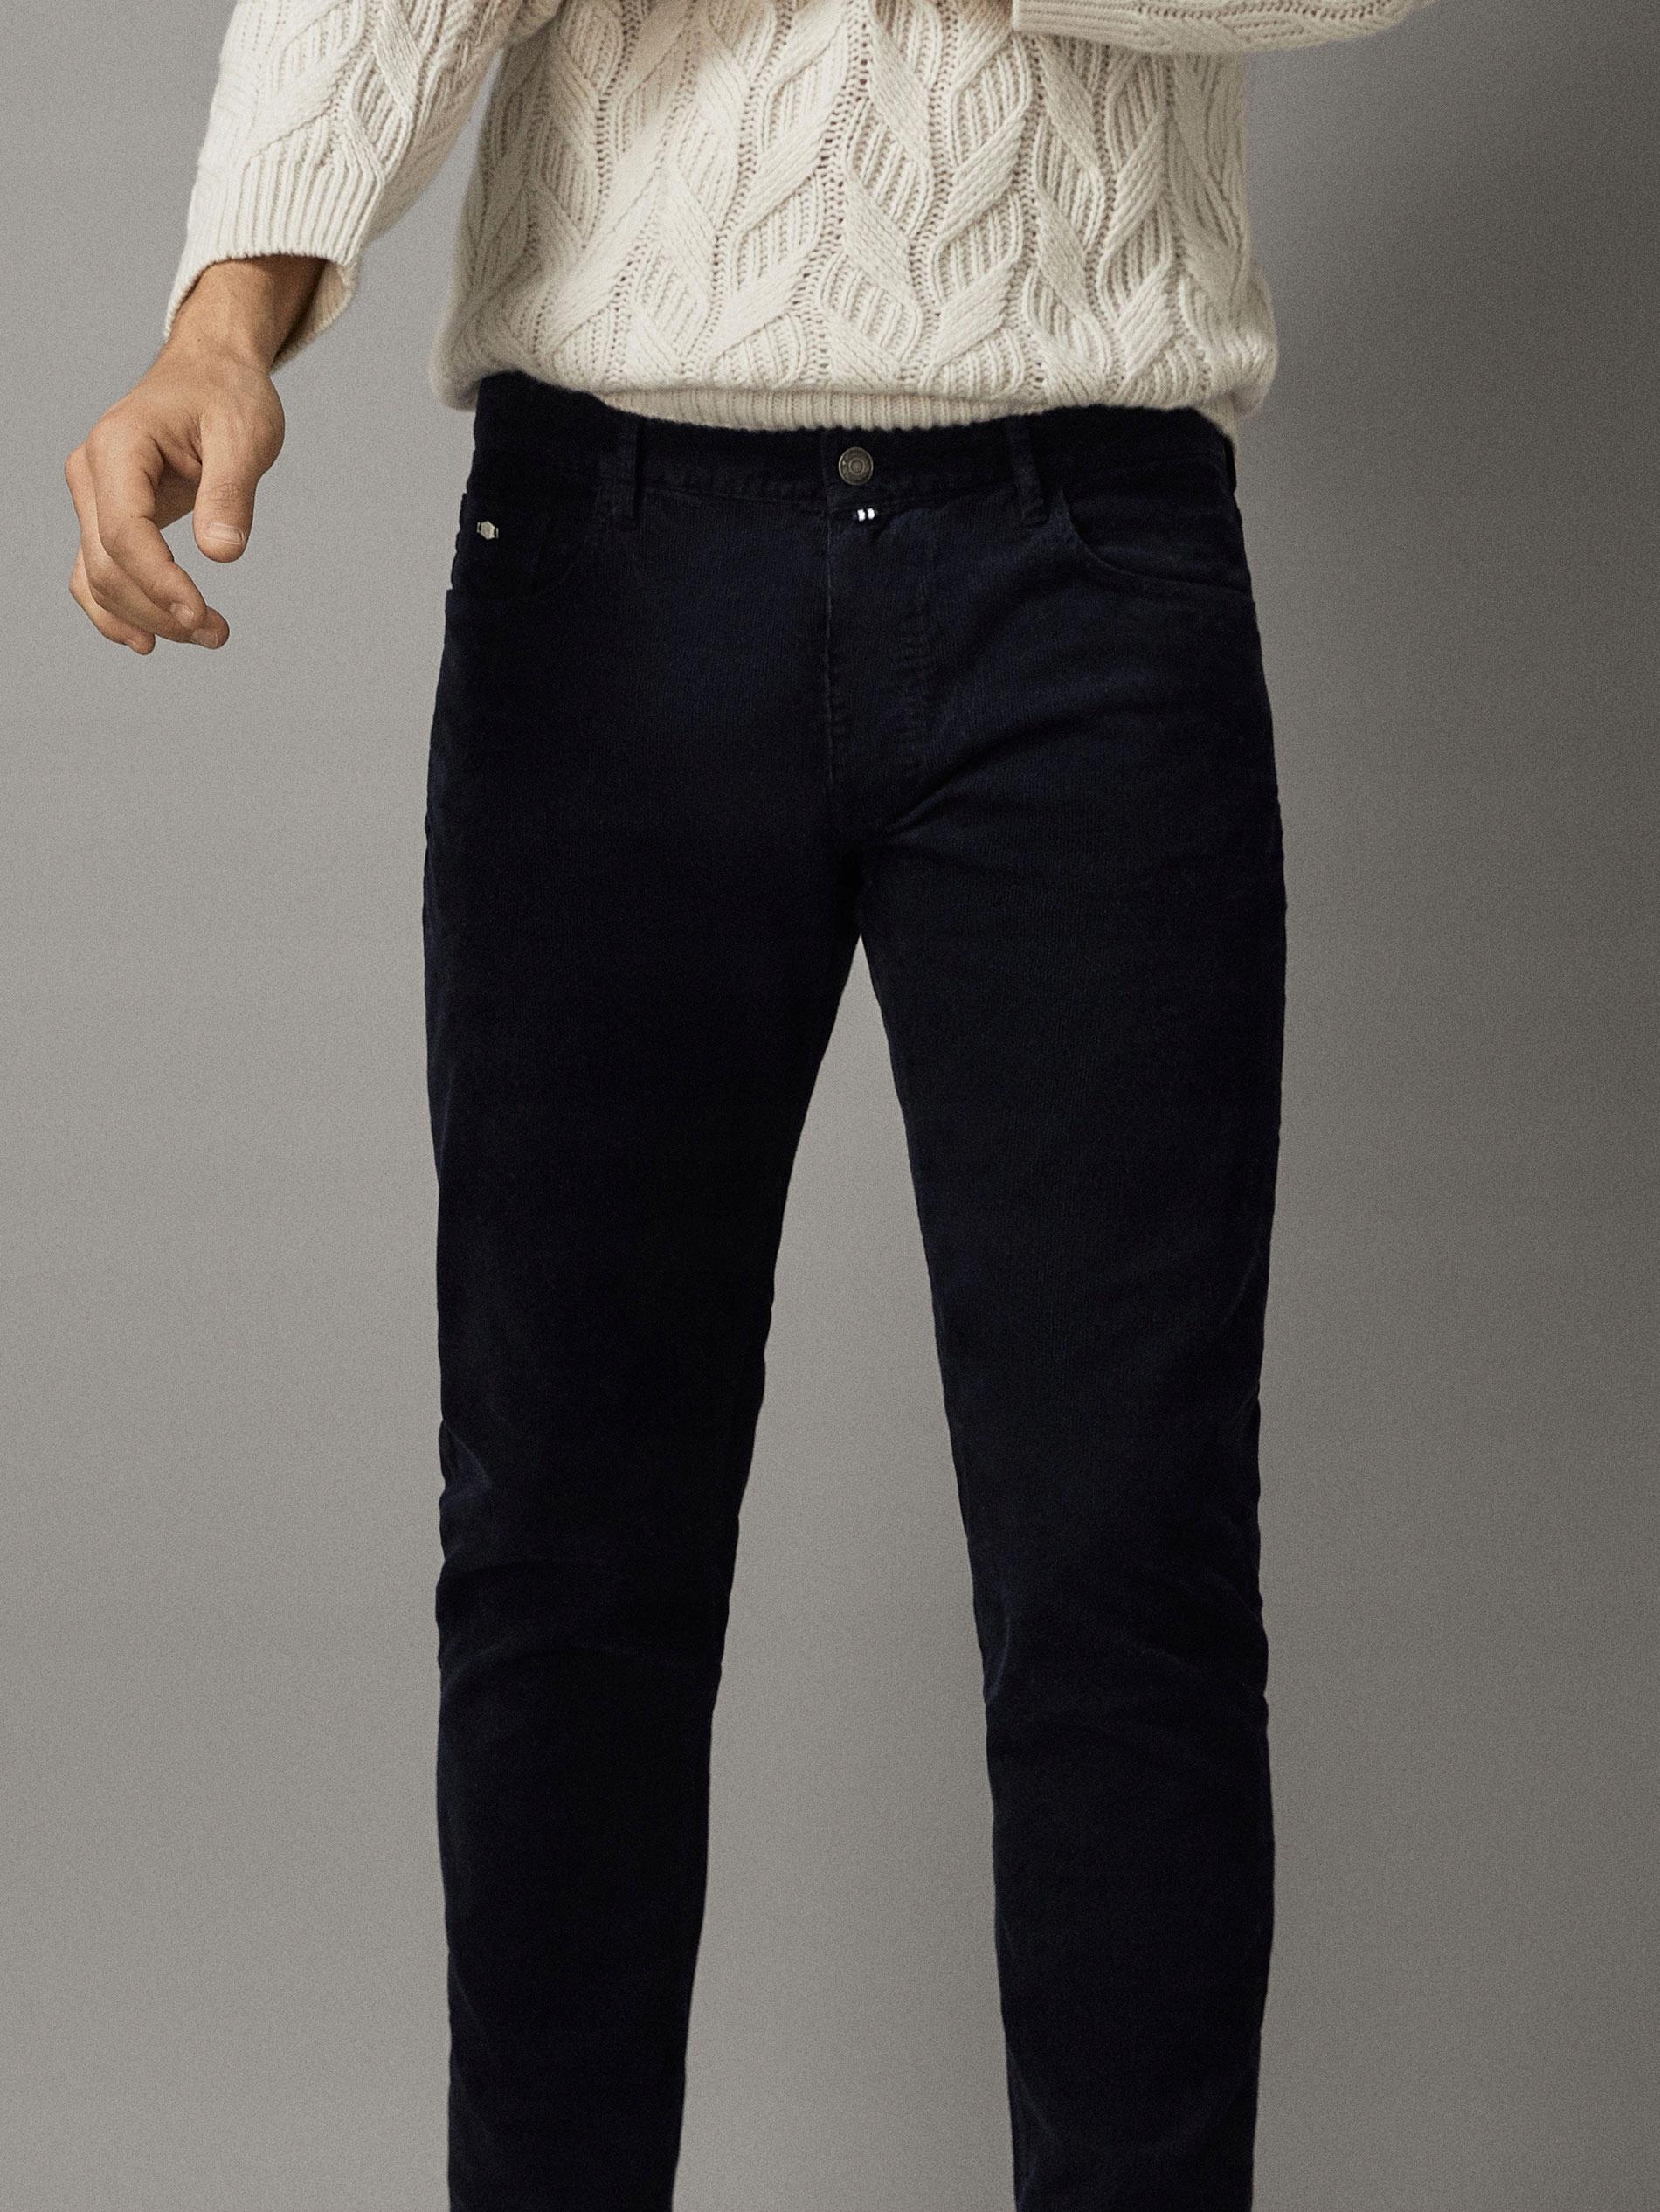 Massimo Dutti męskie spodnie NOWA!!! 46